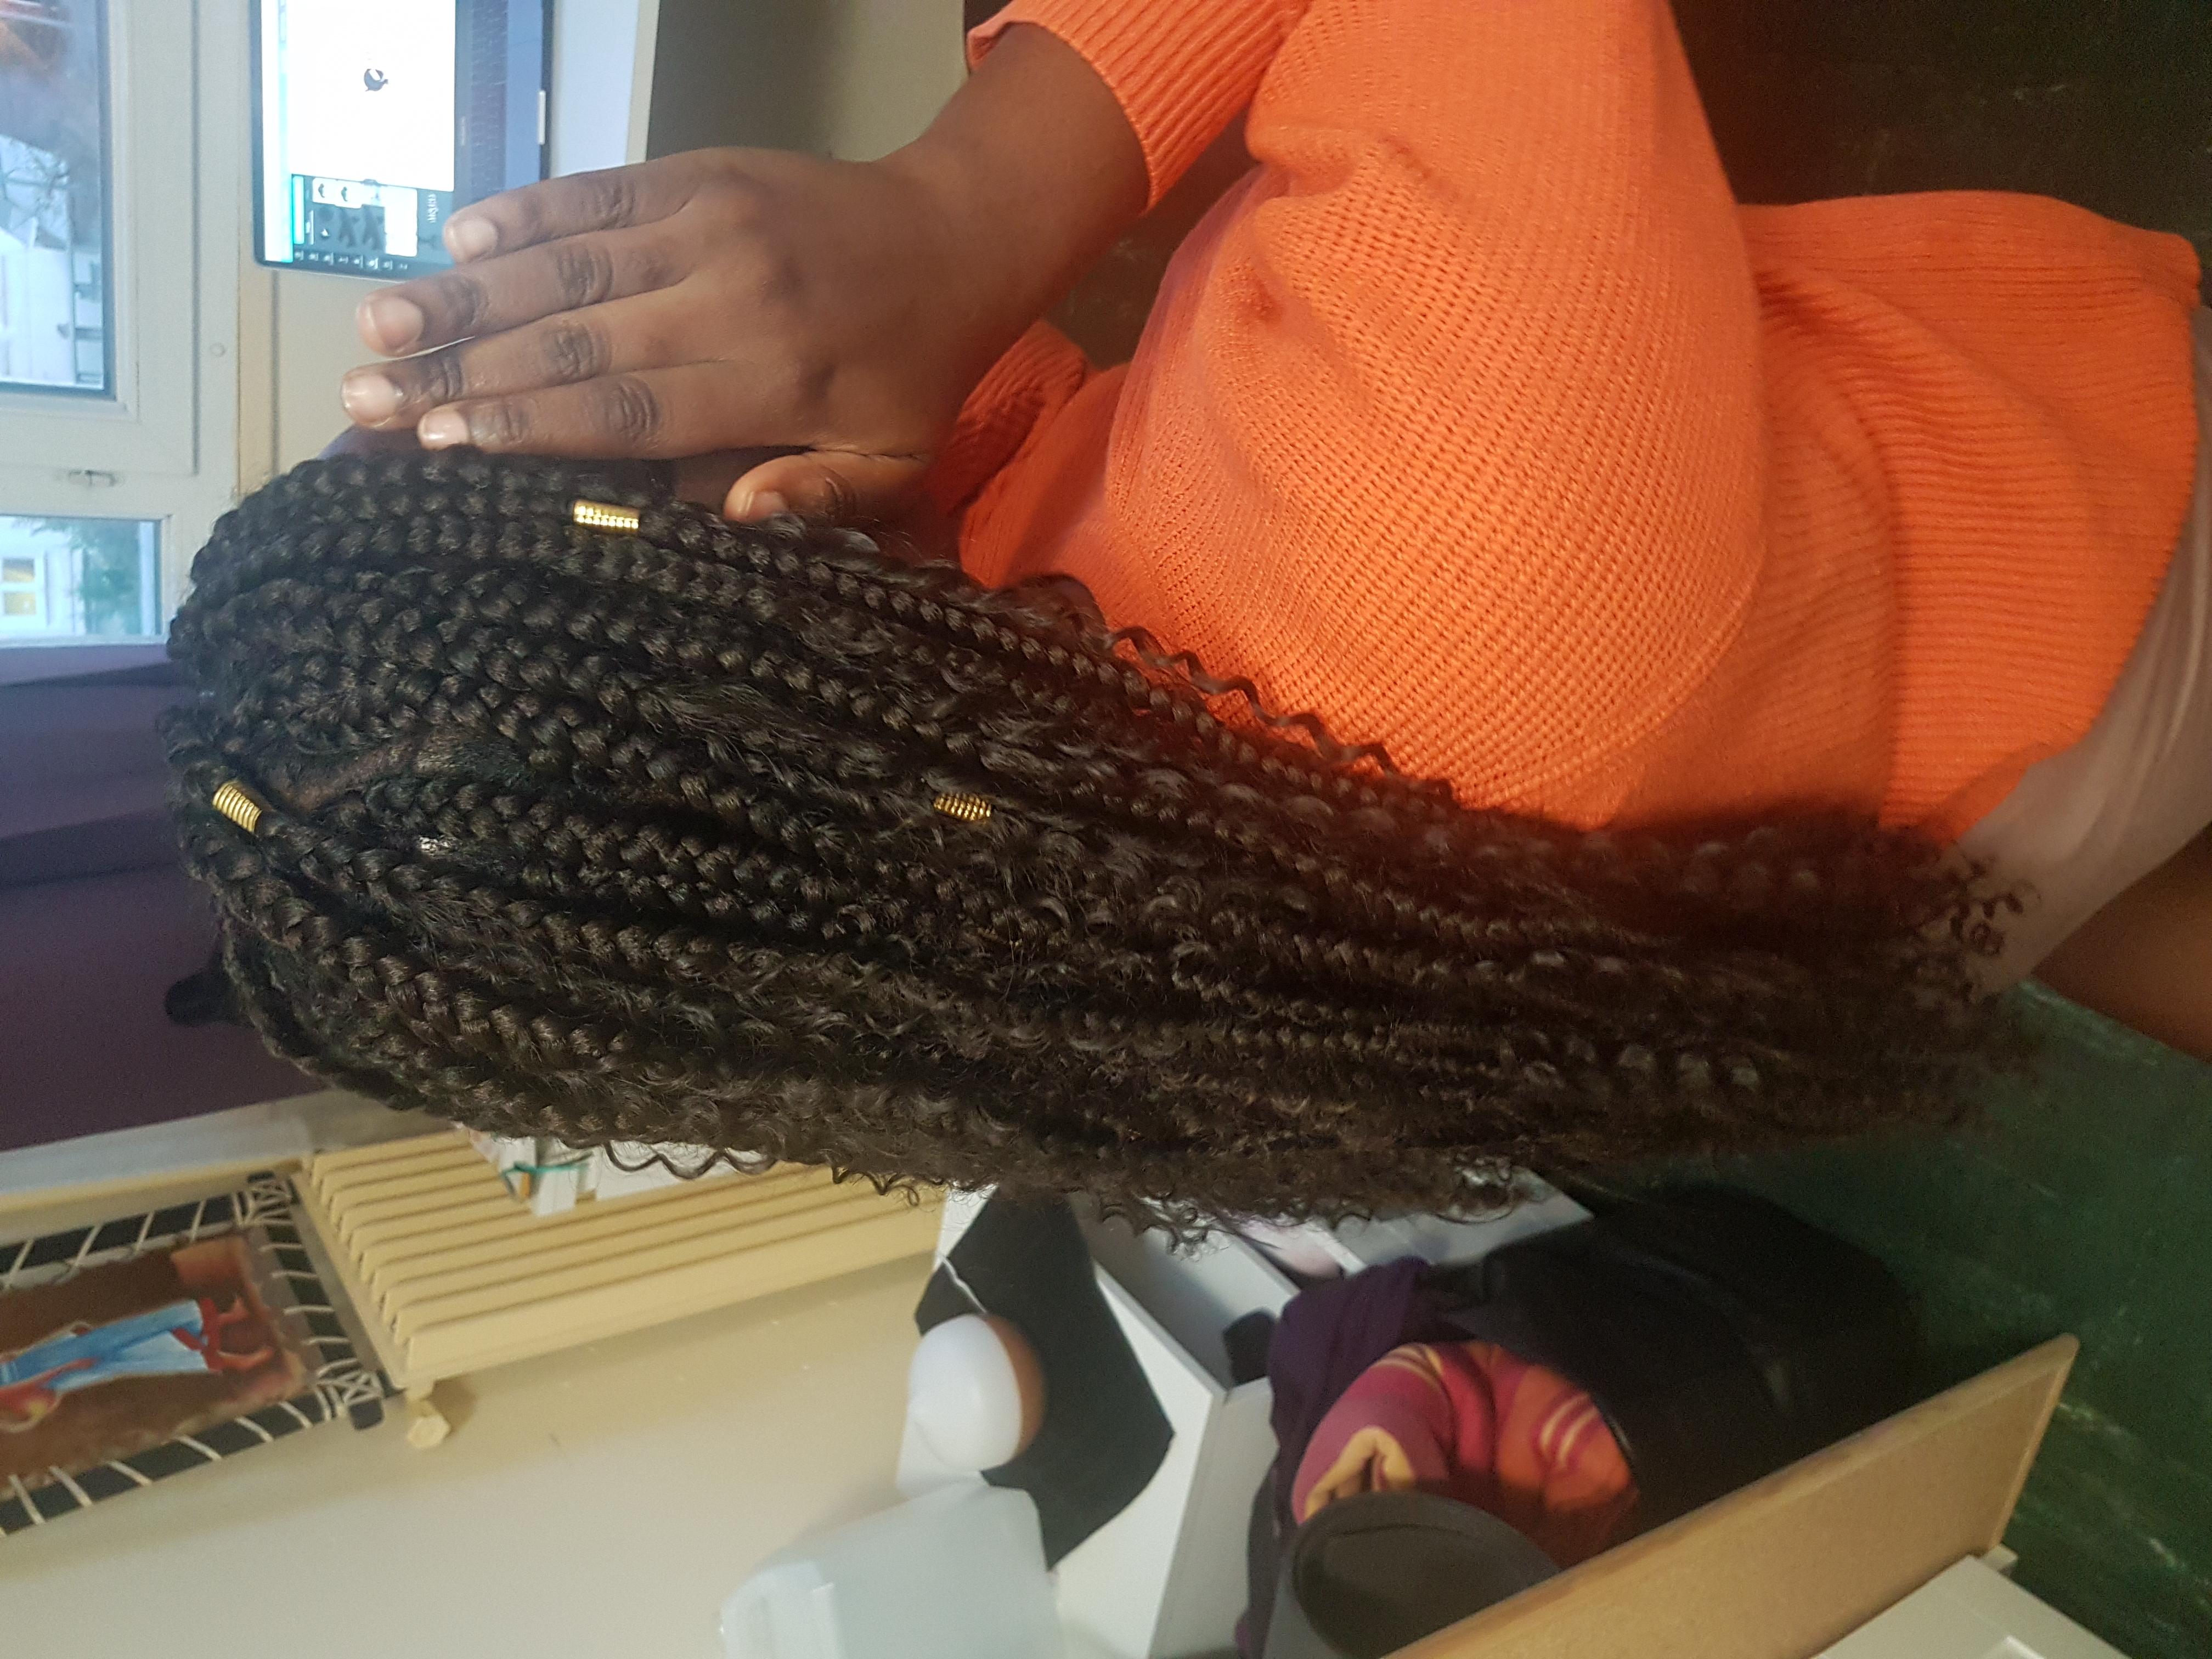 salon de coiffure afro tresse tresses box braids crochet braids vanilles tissages paris 75 77 78 91 92 93 94 95 CPOMOYUI